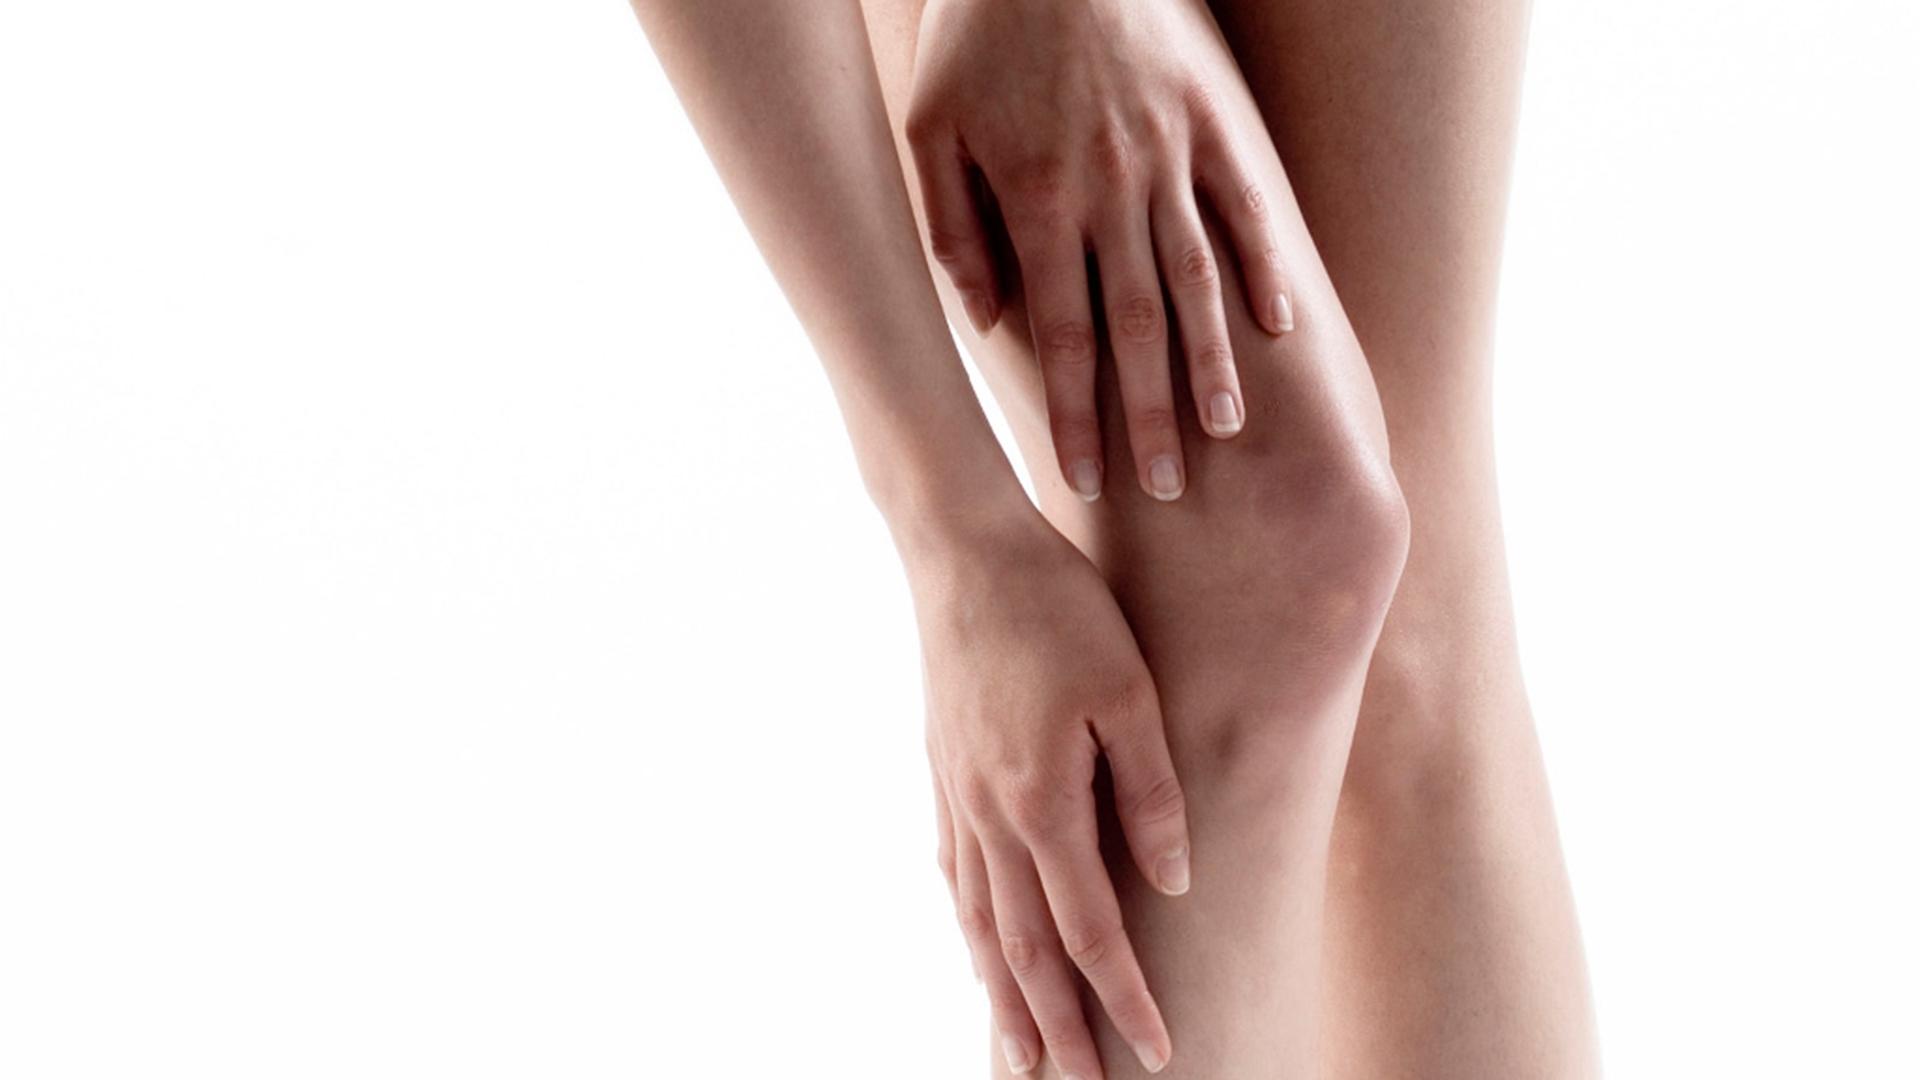 lichid de artrită reumatoidă în articulații cum să scapi de durere în articulațiile genunchiului